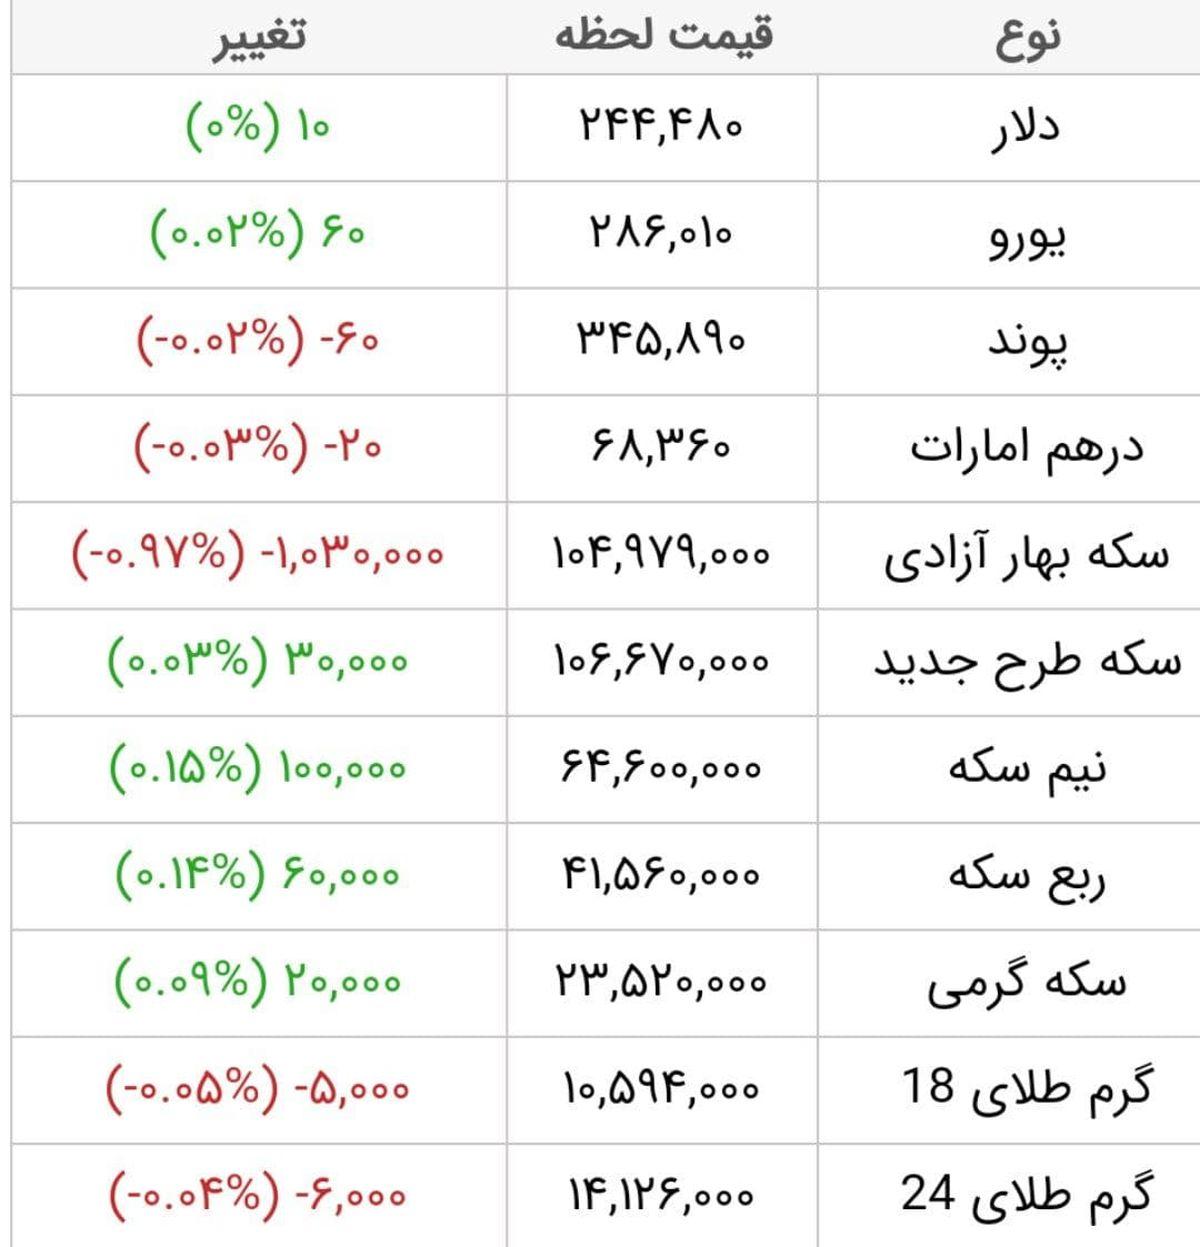 آخرین قیمت طلا، قیمت سکه و قیمت ارز امروز 16 فروردین 1400 / طلا باز هم ارزان شد + جدول